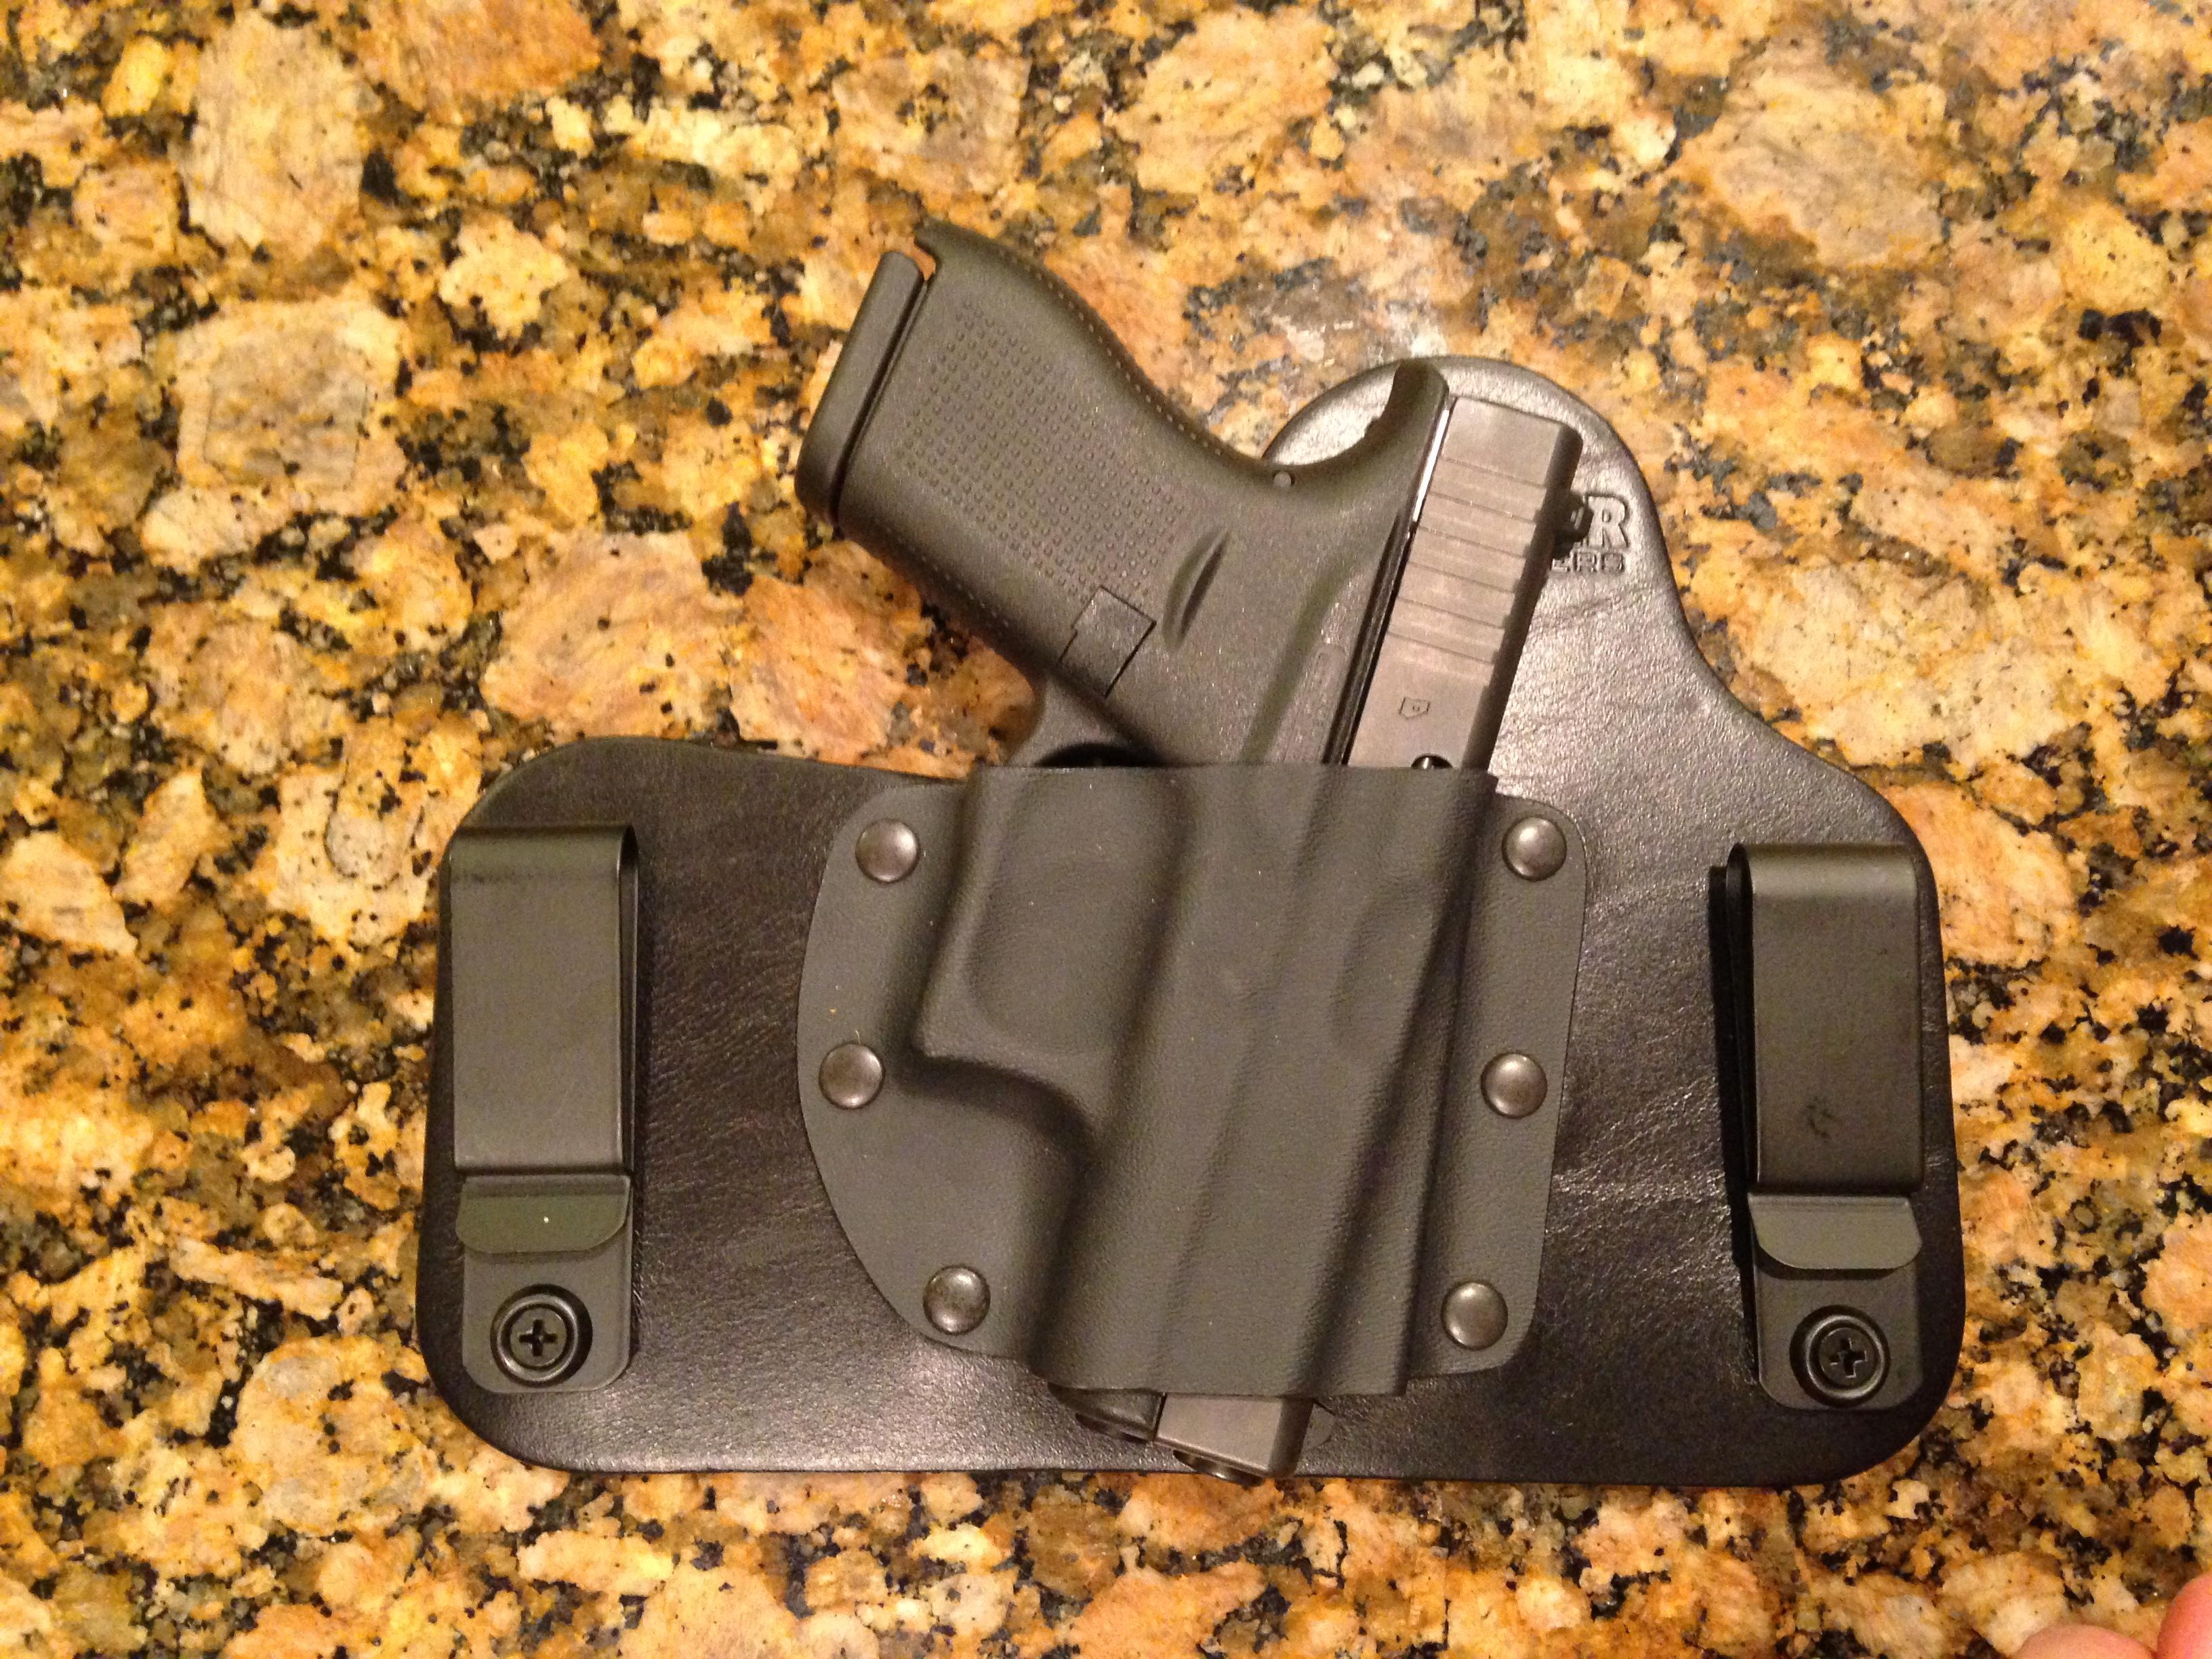 Vedder Comfort tuck mini holster for G42